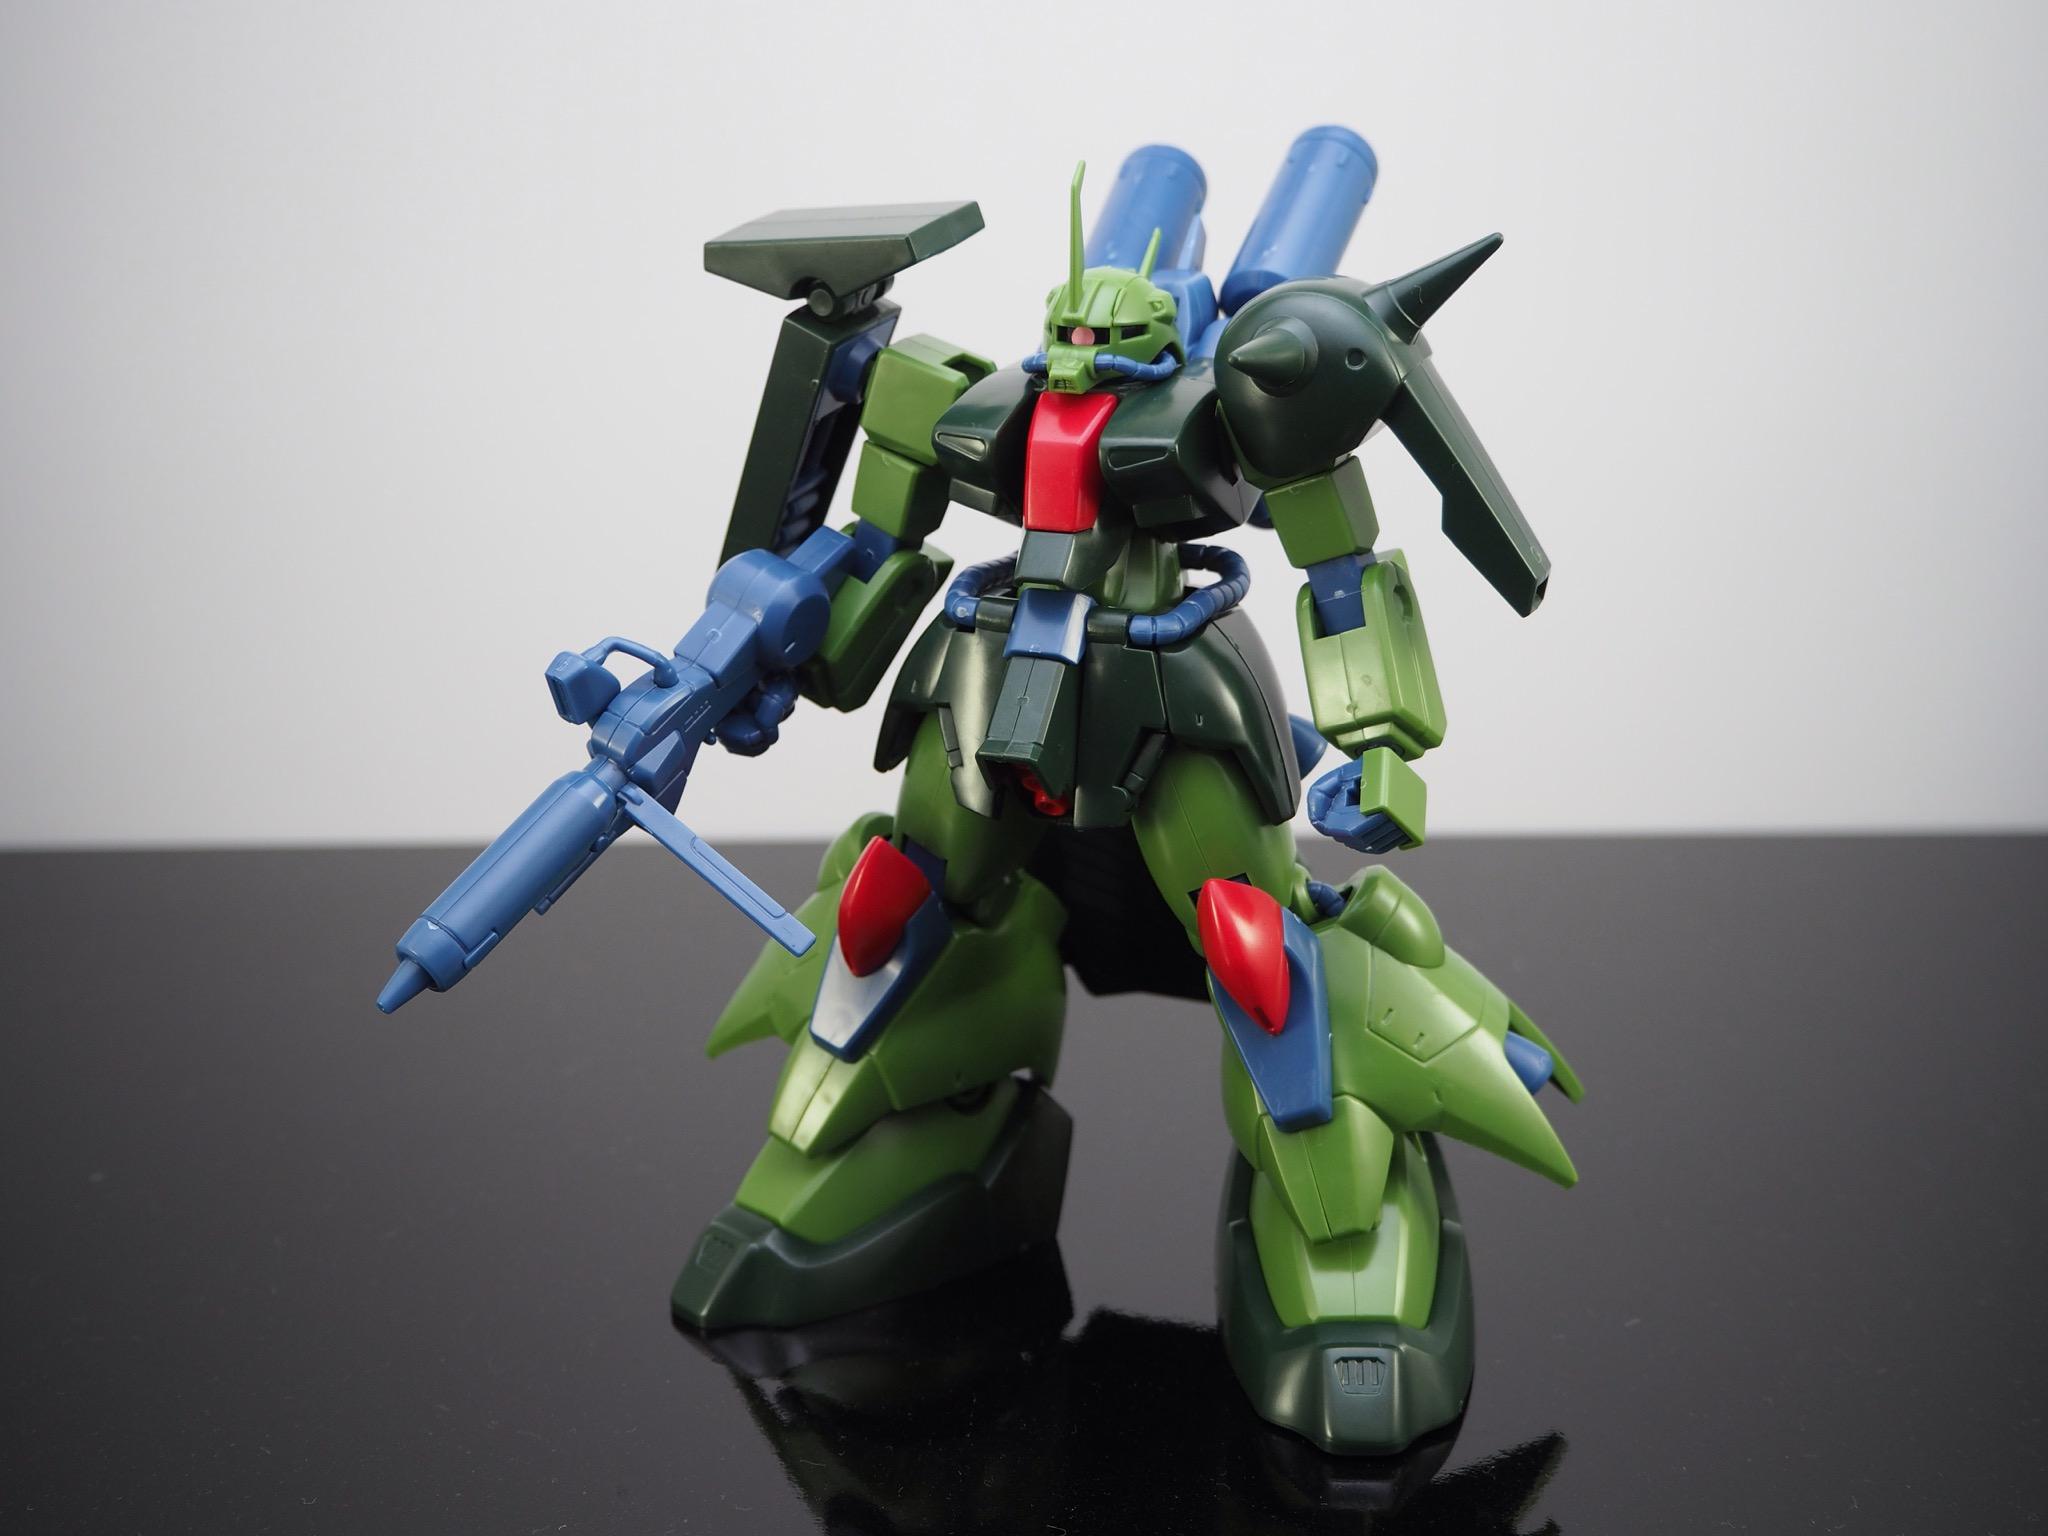 HGUC 003 1/144 AMX-011S ザクIII改 [Zaku III Custom]